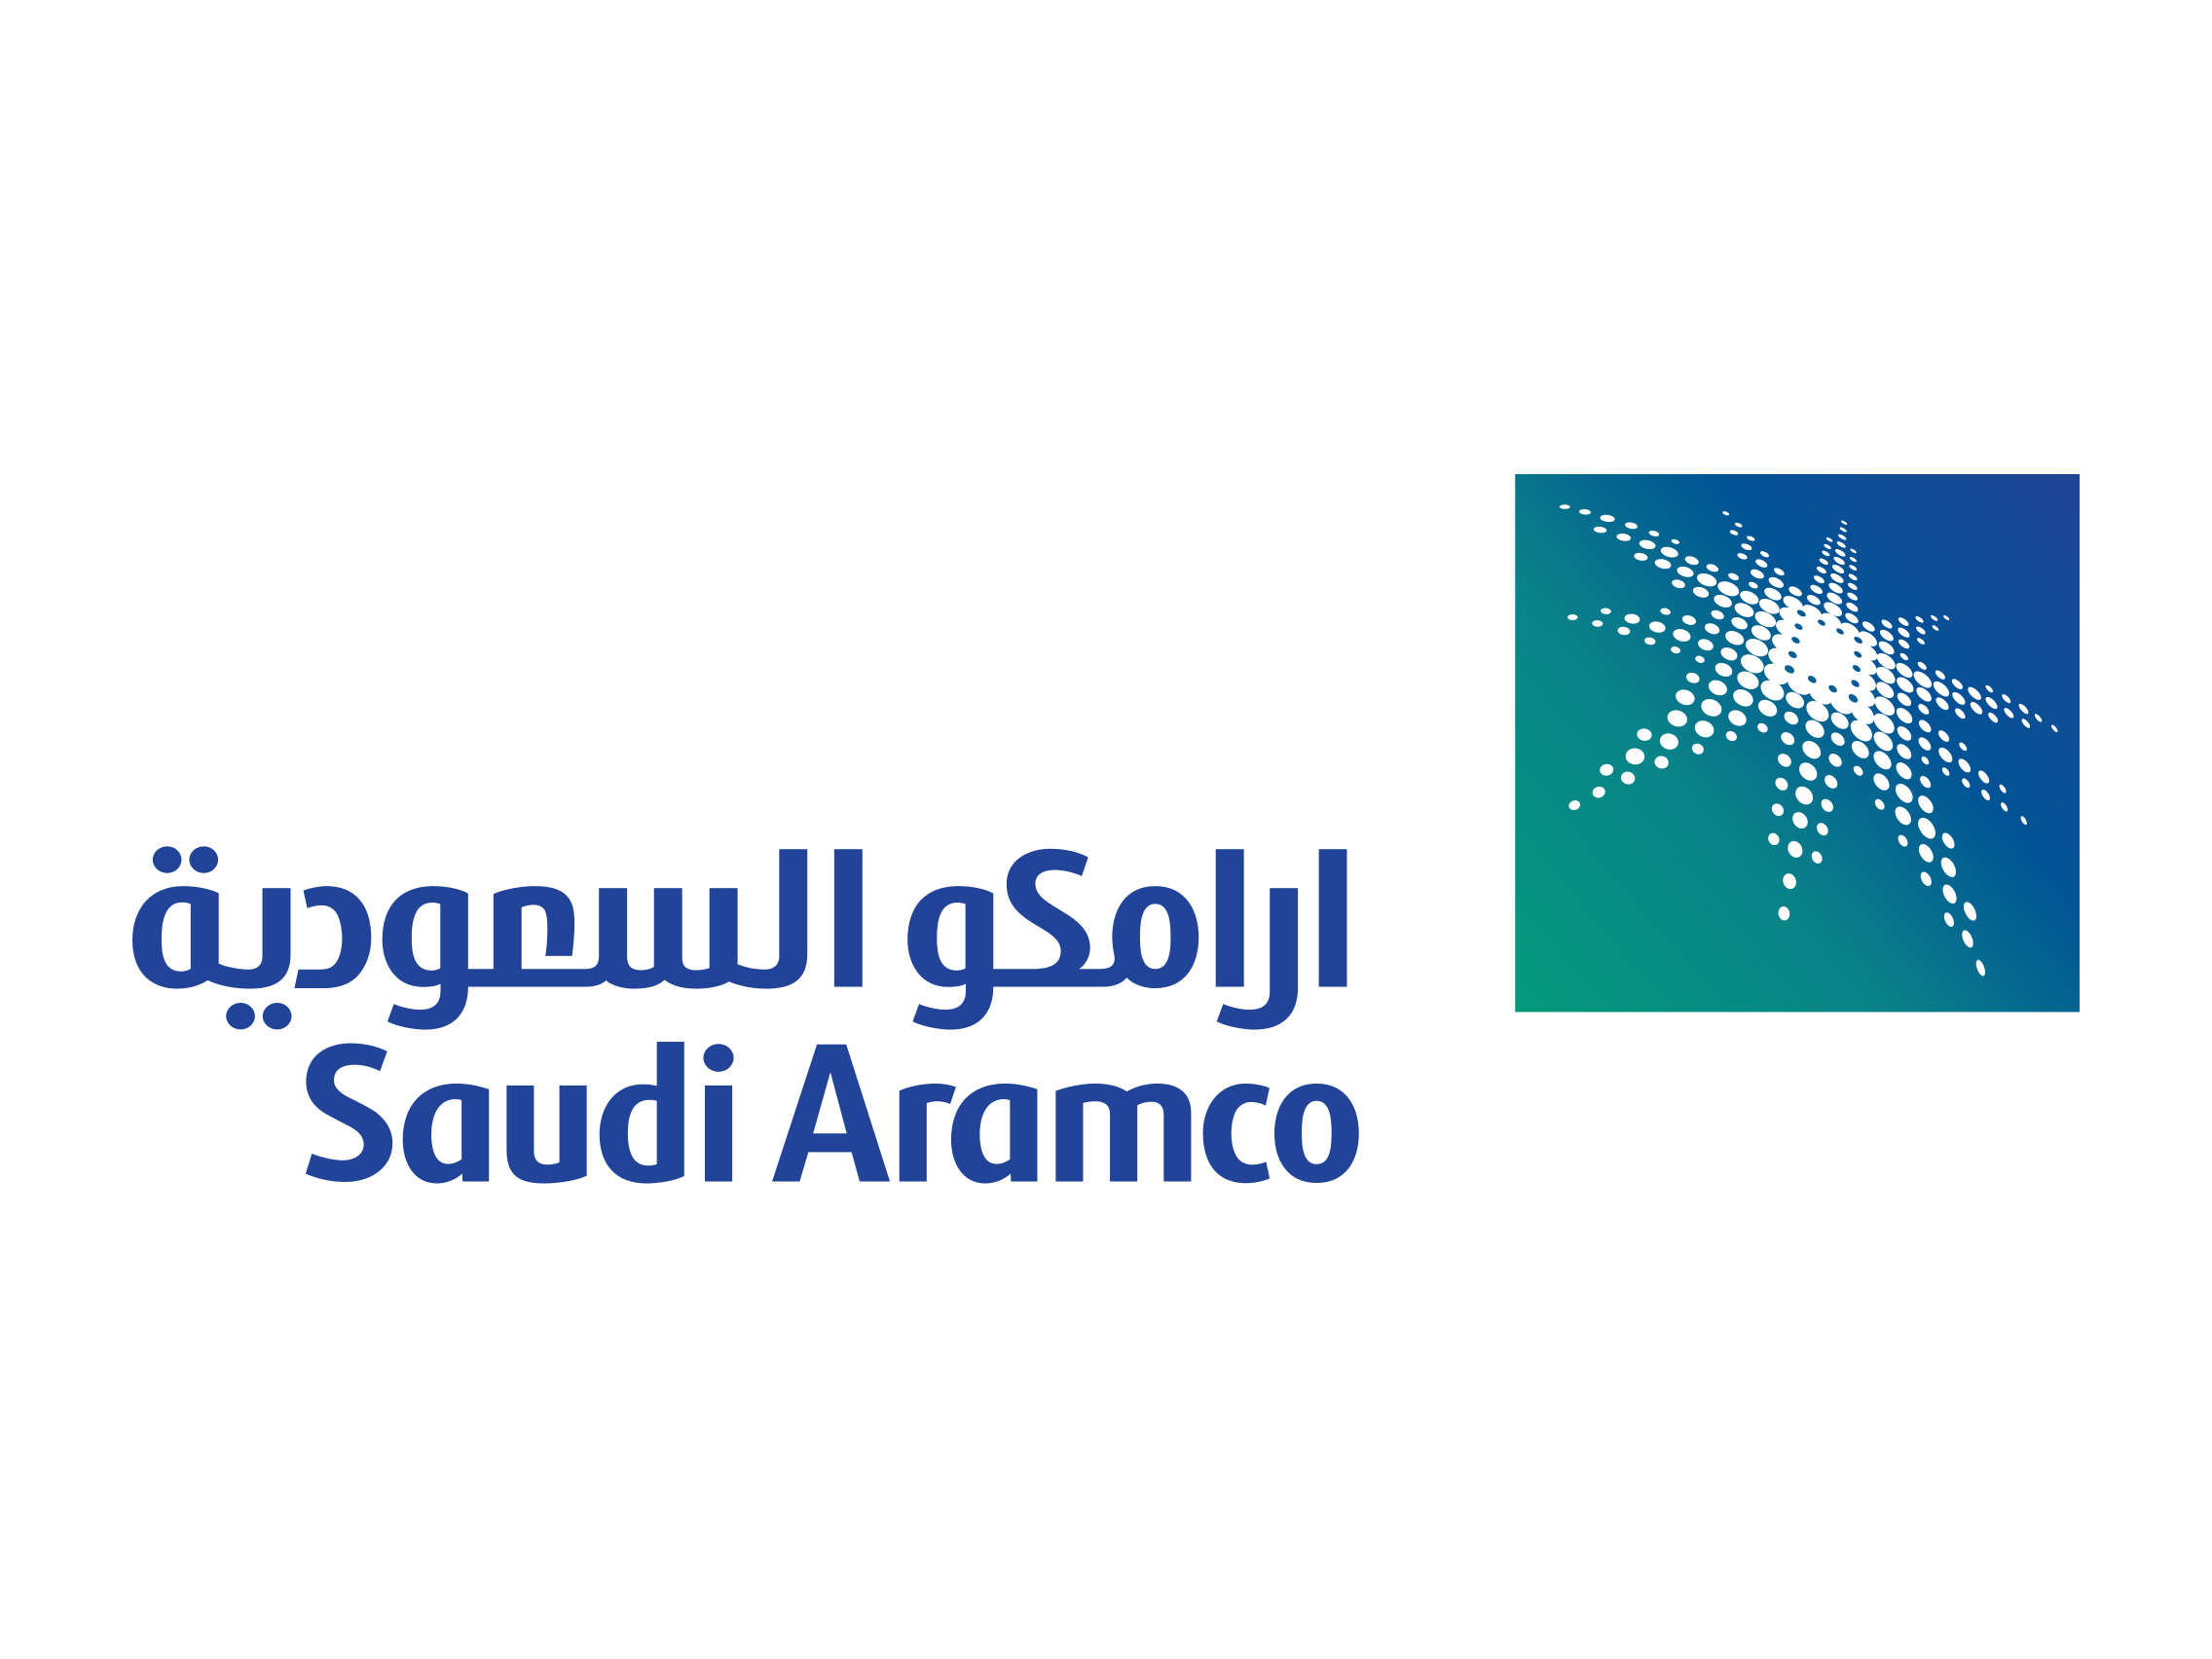 السوق العالمي يلتف منذهلاً حول المملكة العربية السعودية - إكتتاب عام لشركة ارامكو نادي خبراء المال